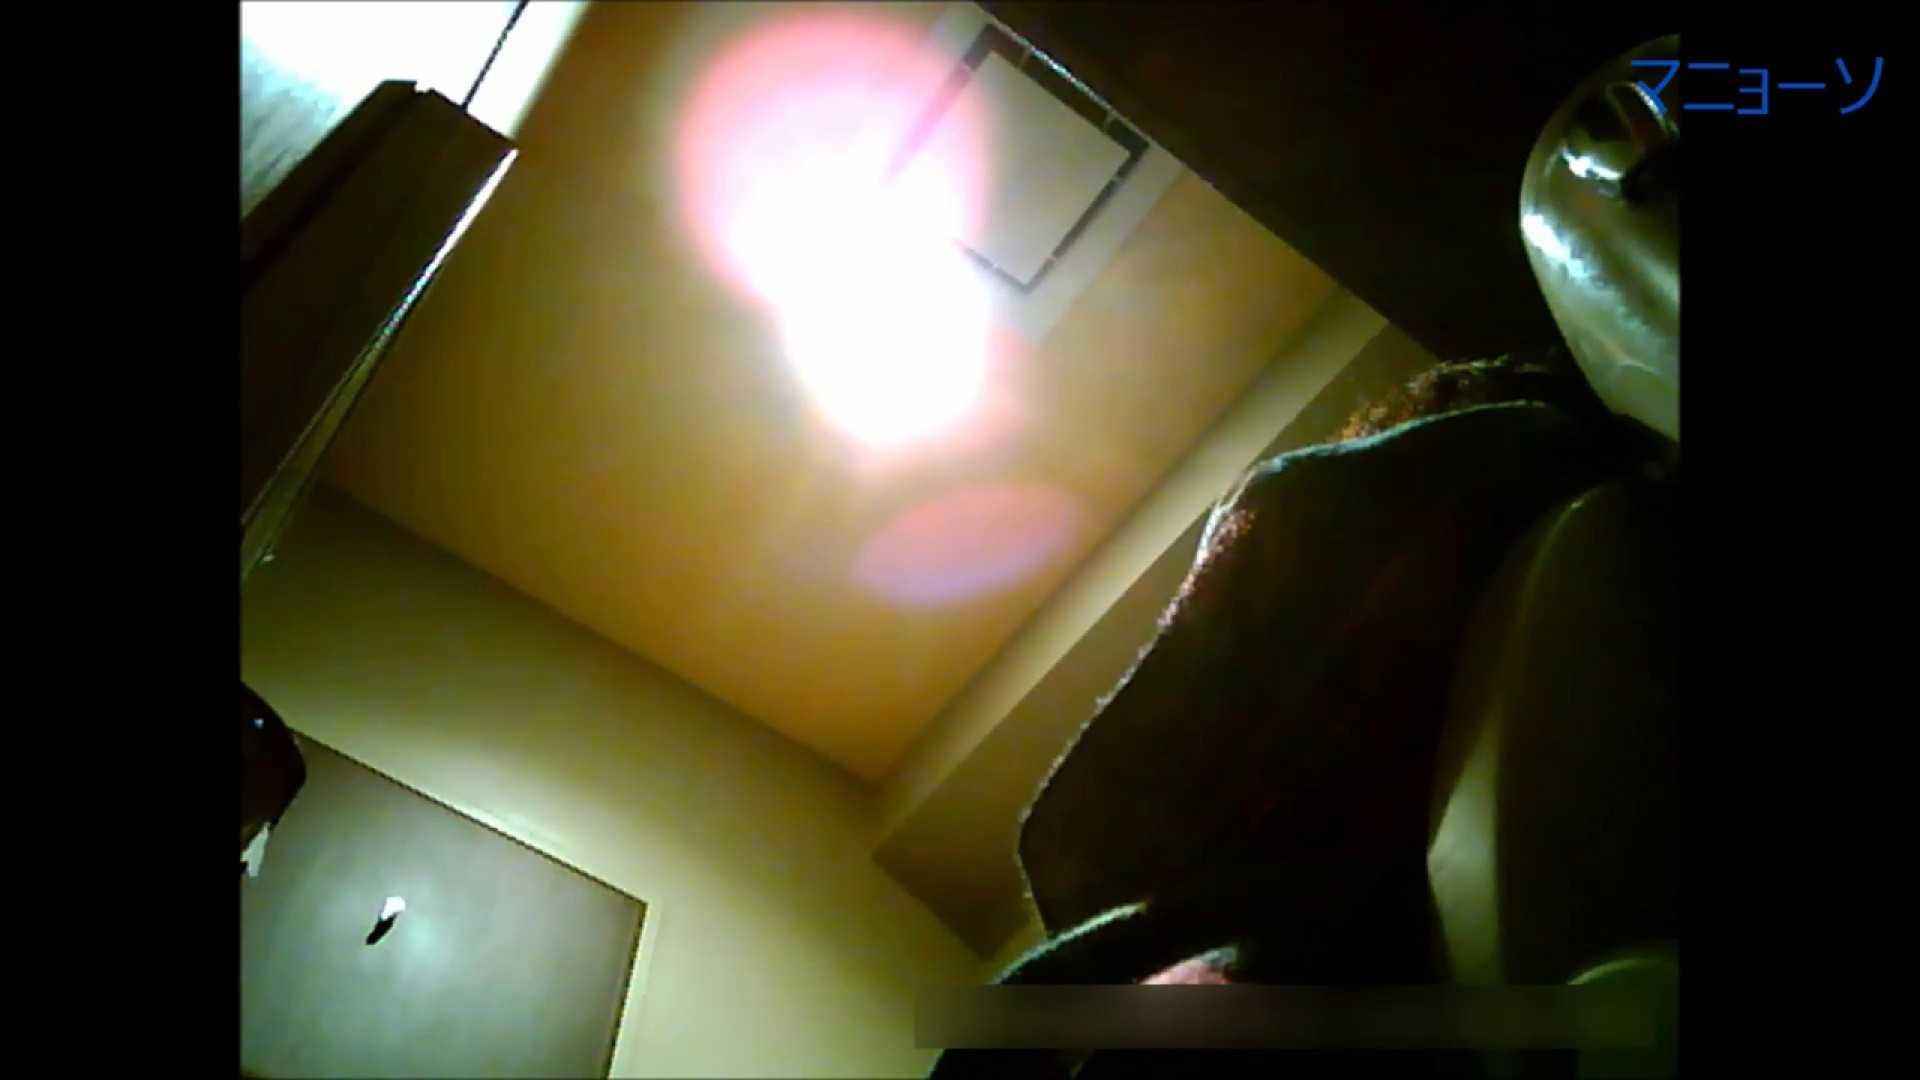 トイレでひと肌脱いでもらいました (JD編)Vol.02 トイレ中の女子達  106連発 62